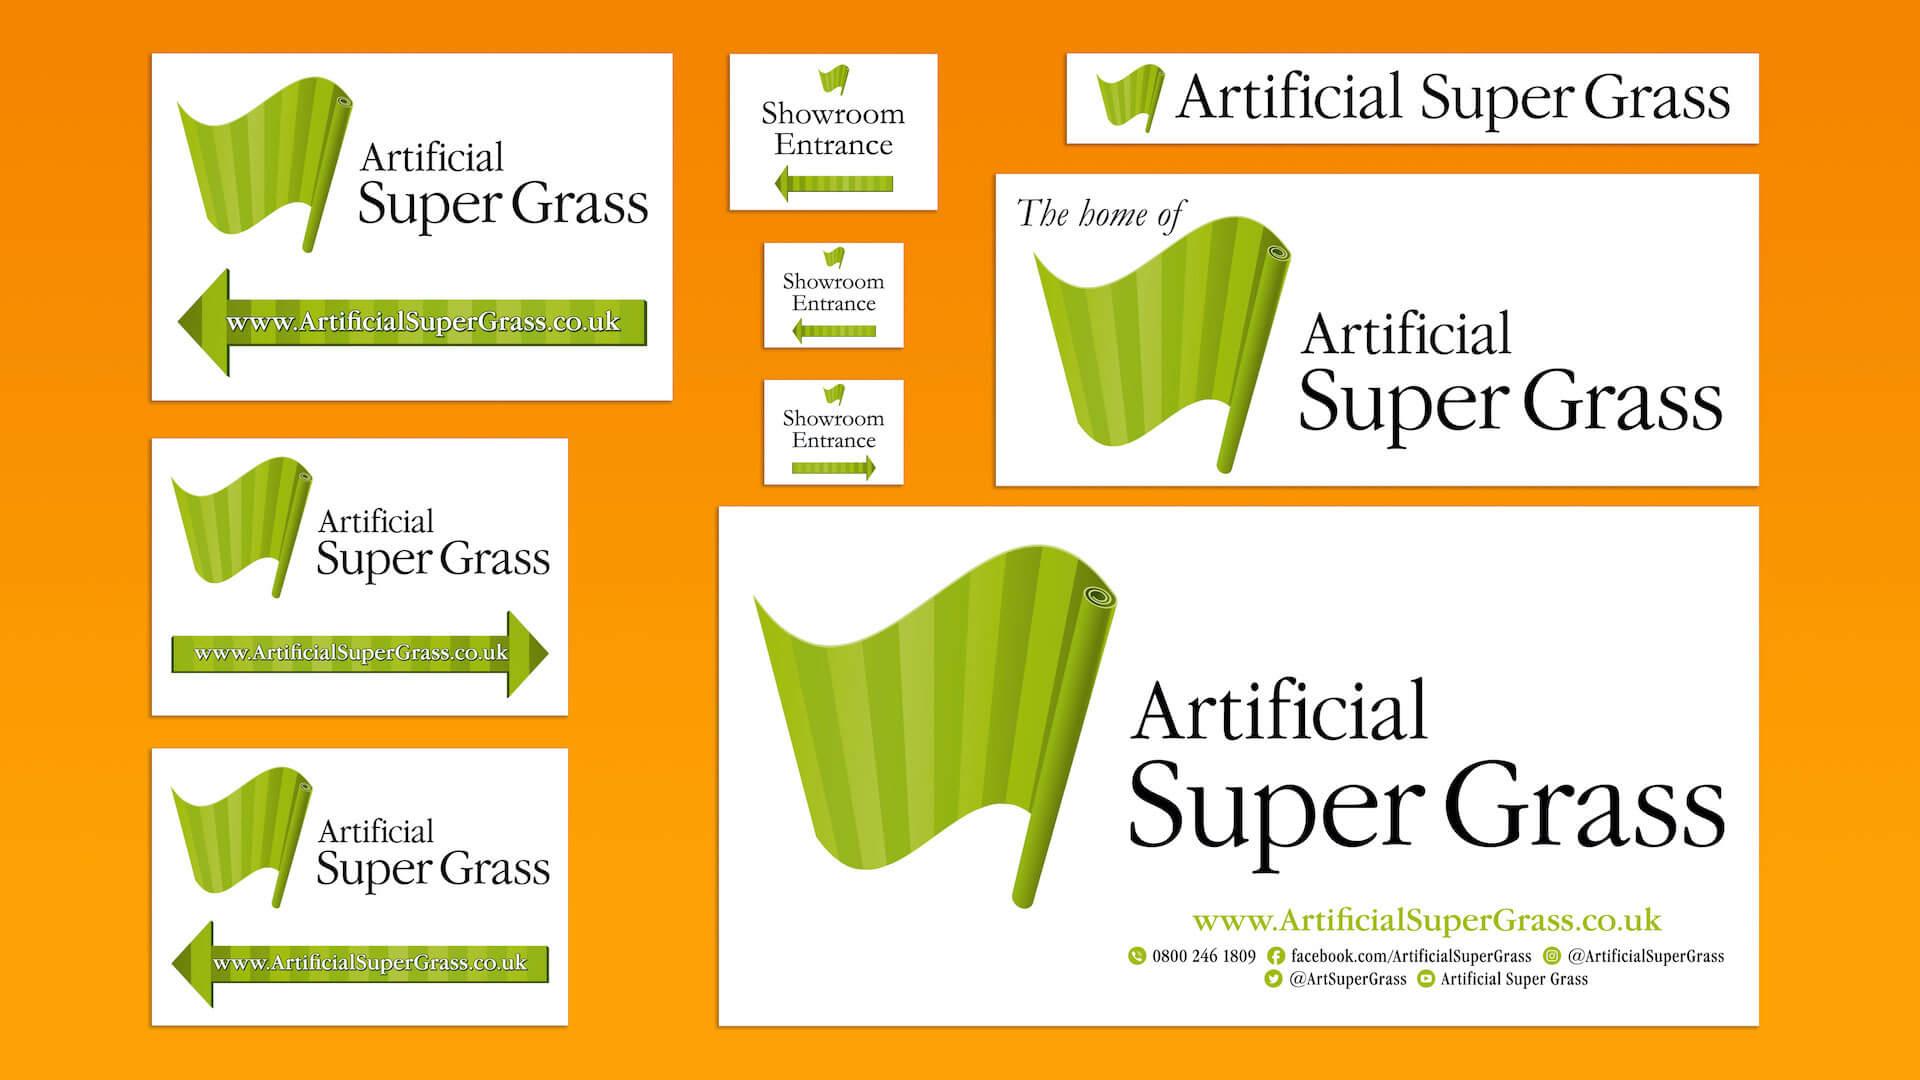 artificial super grass 10